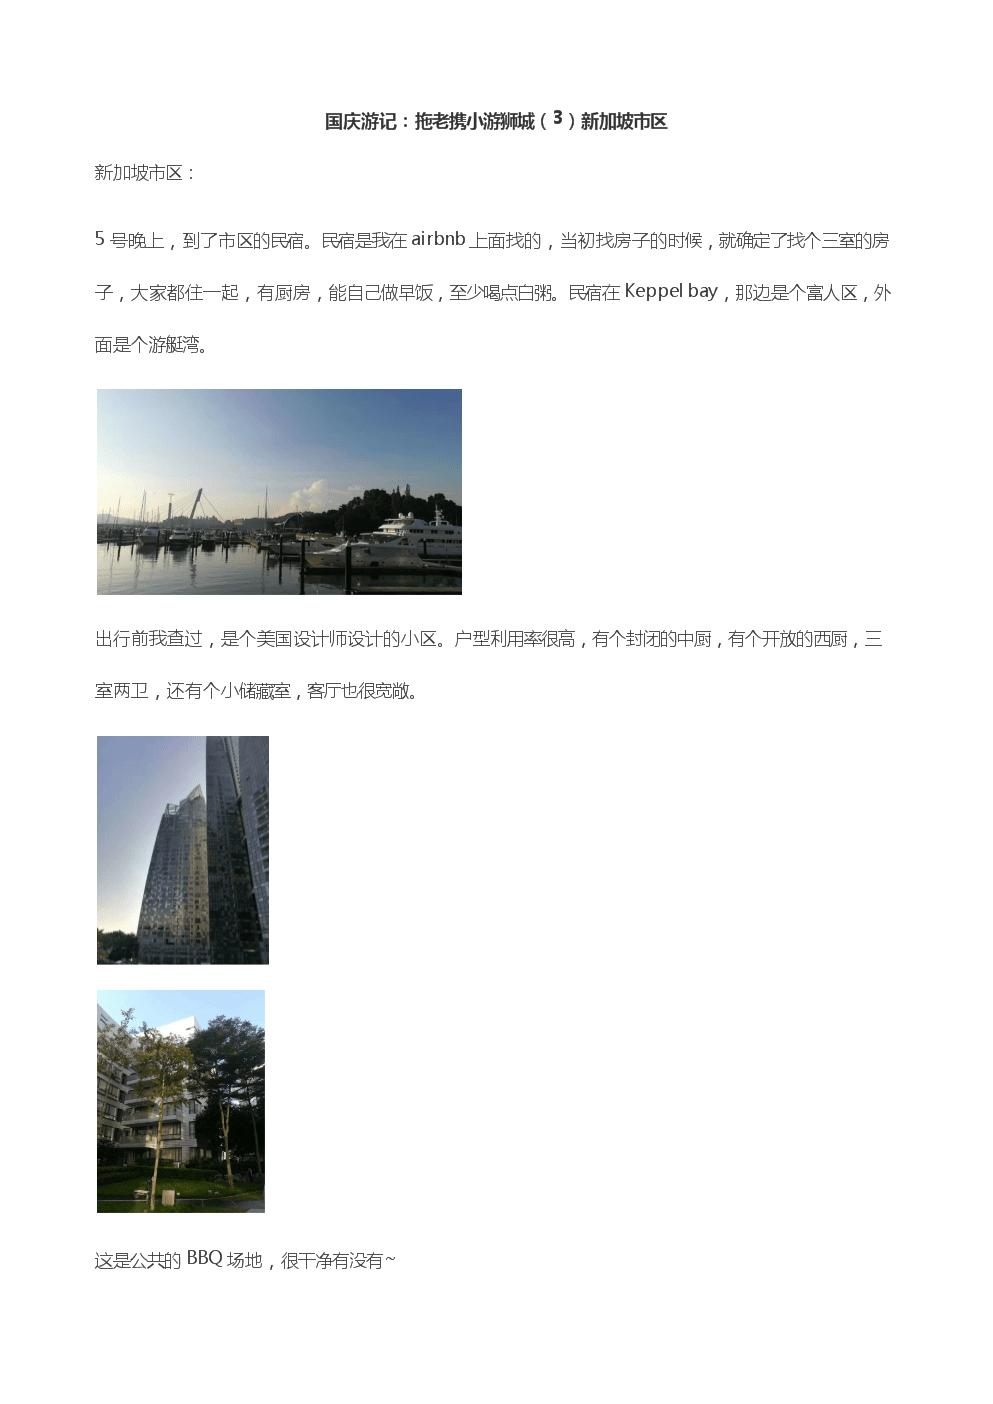 国庆游记:拖老携小游狮城(3)新加坡市区.docx